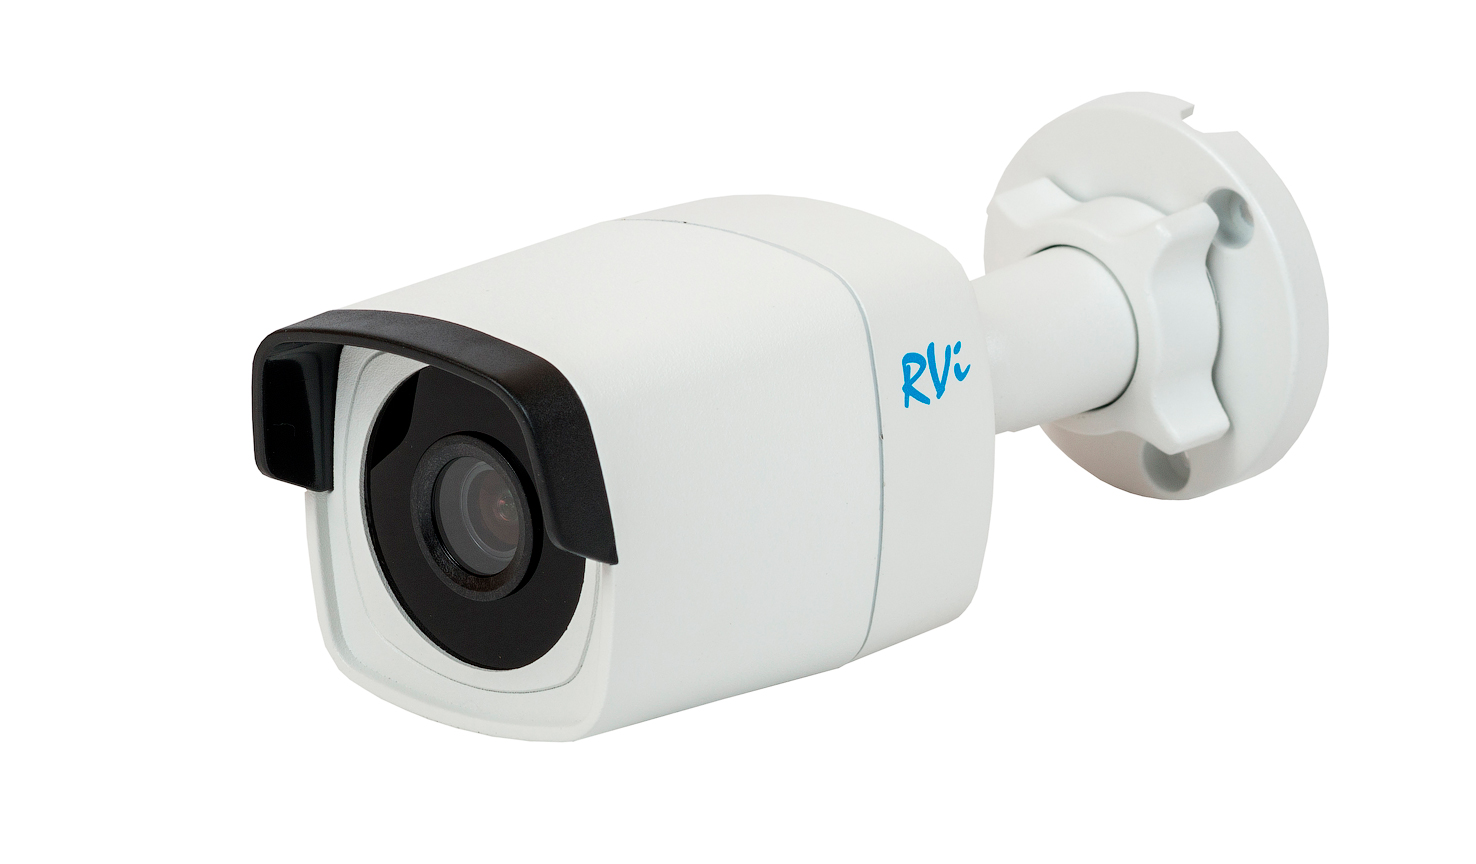 Ip видеокамеры для видеонаблюдения что это такое